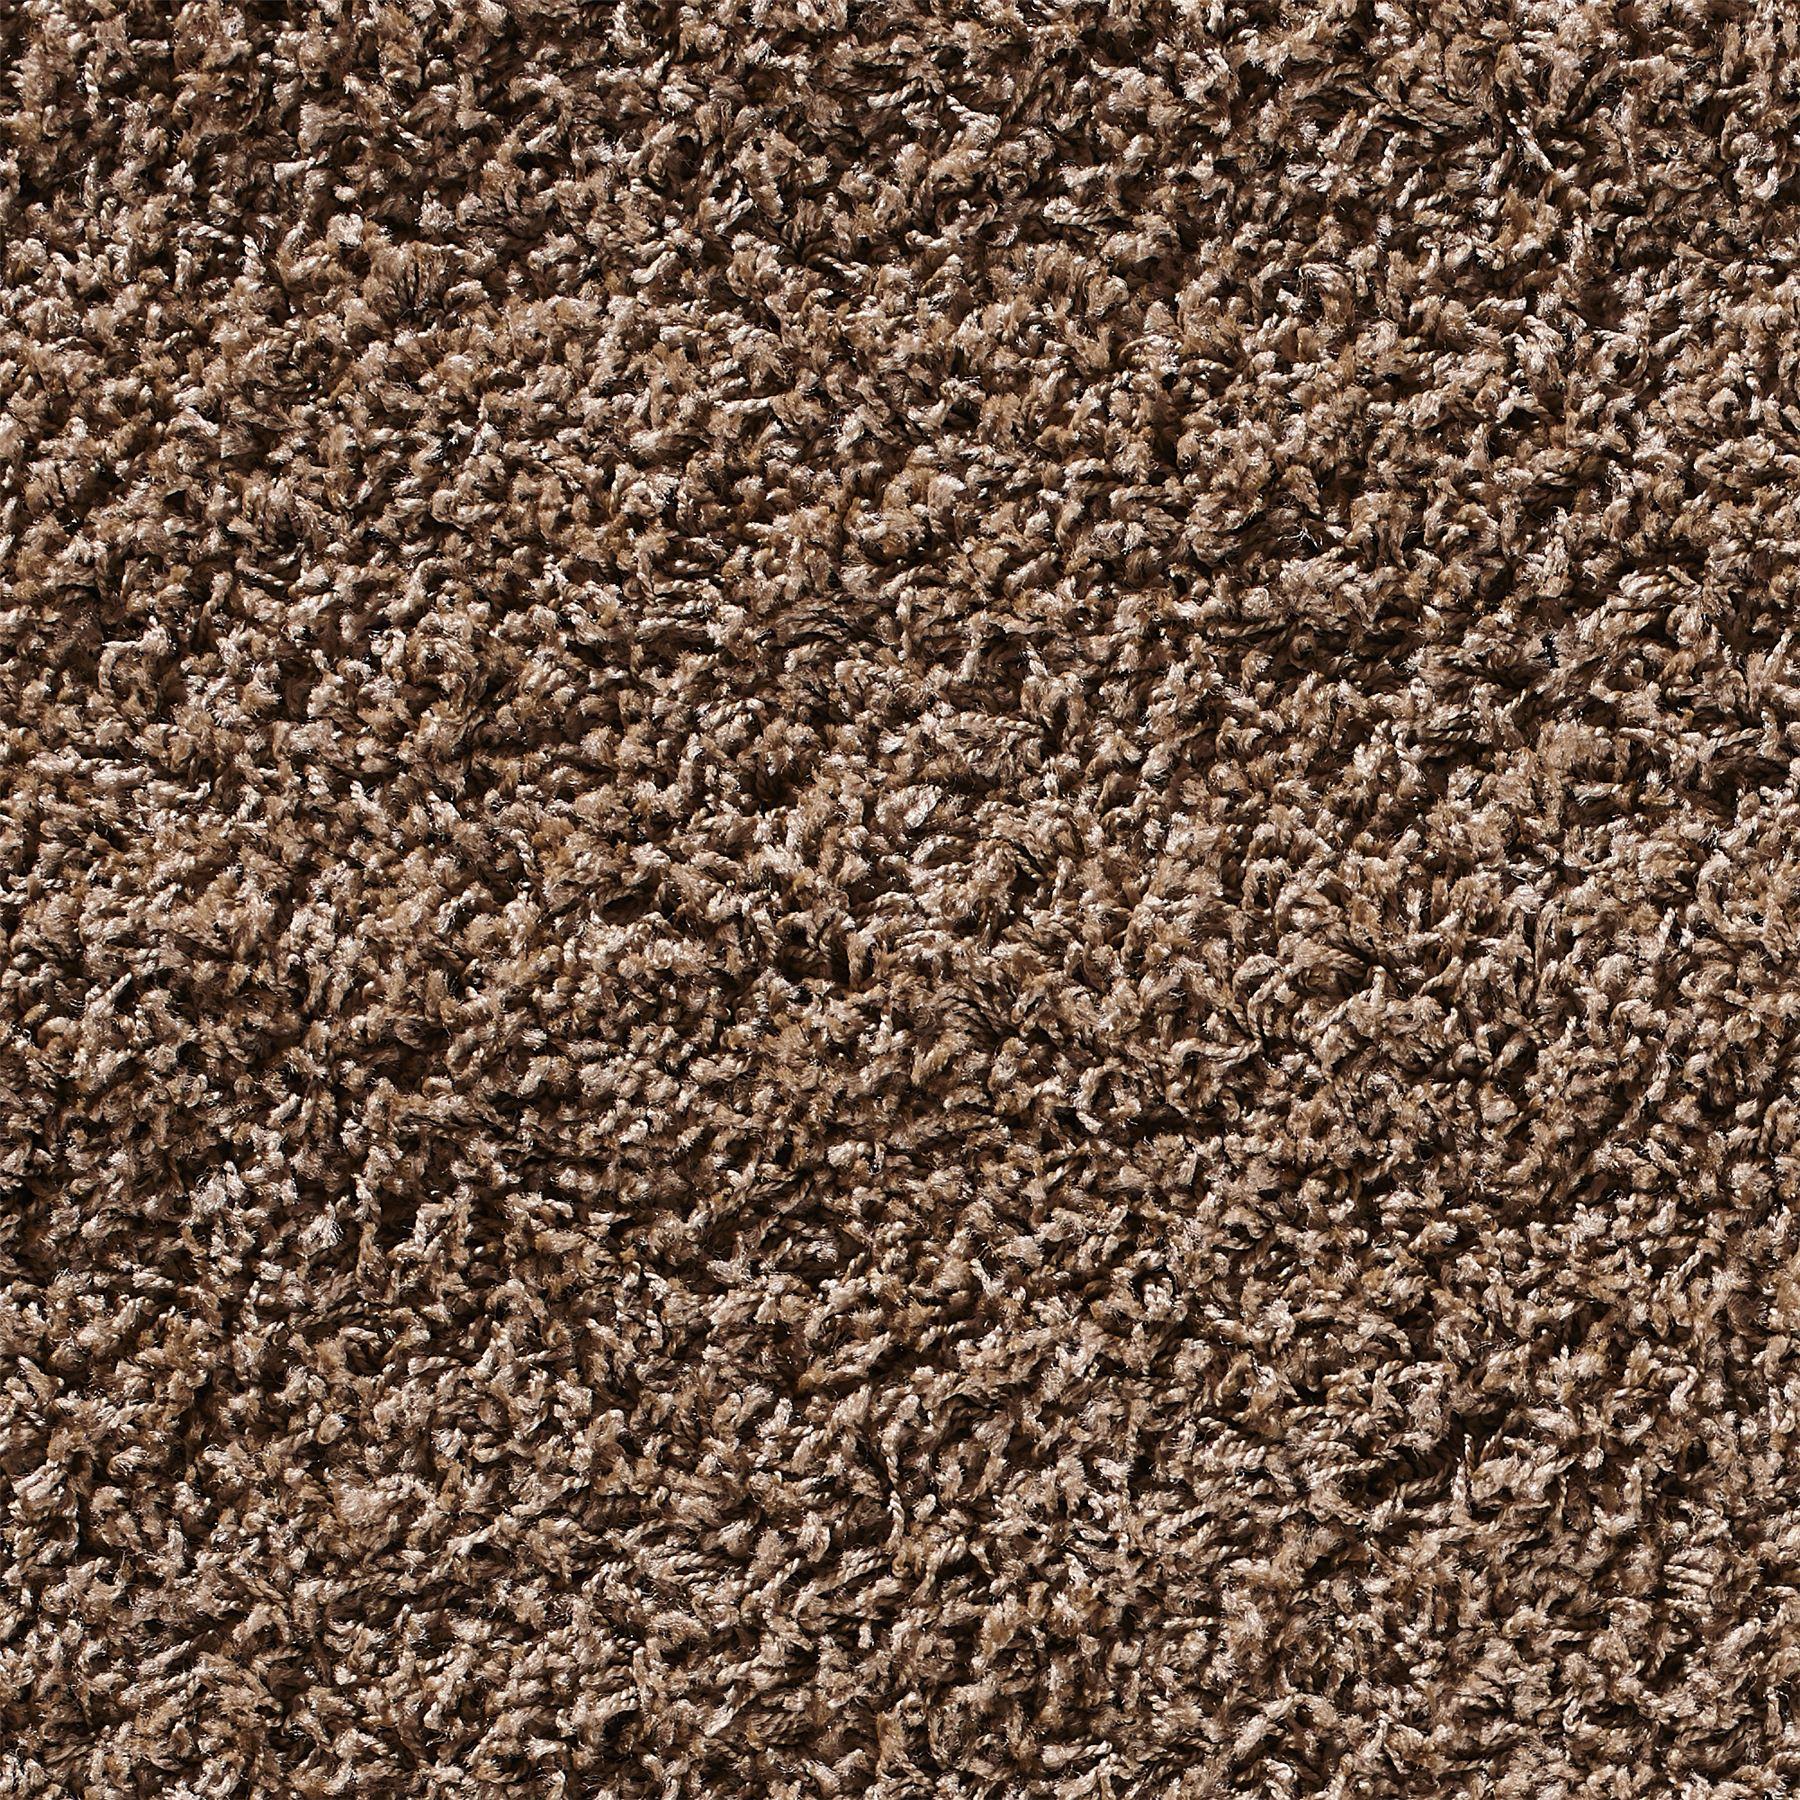 Shaggy Wool Rugs: Retro Modern Light Brown Shaggy Rug Warm Soft Fluffy